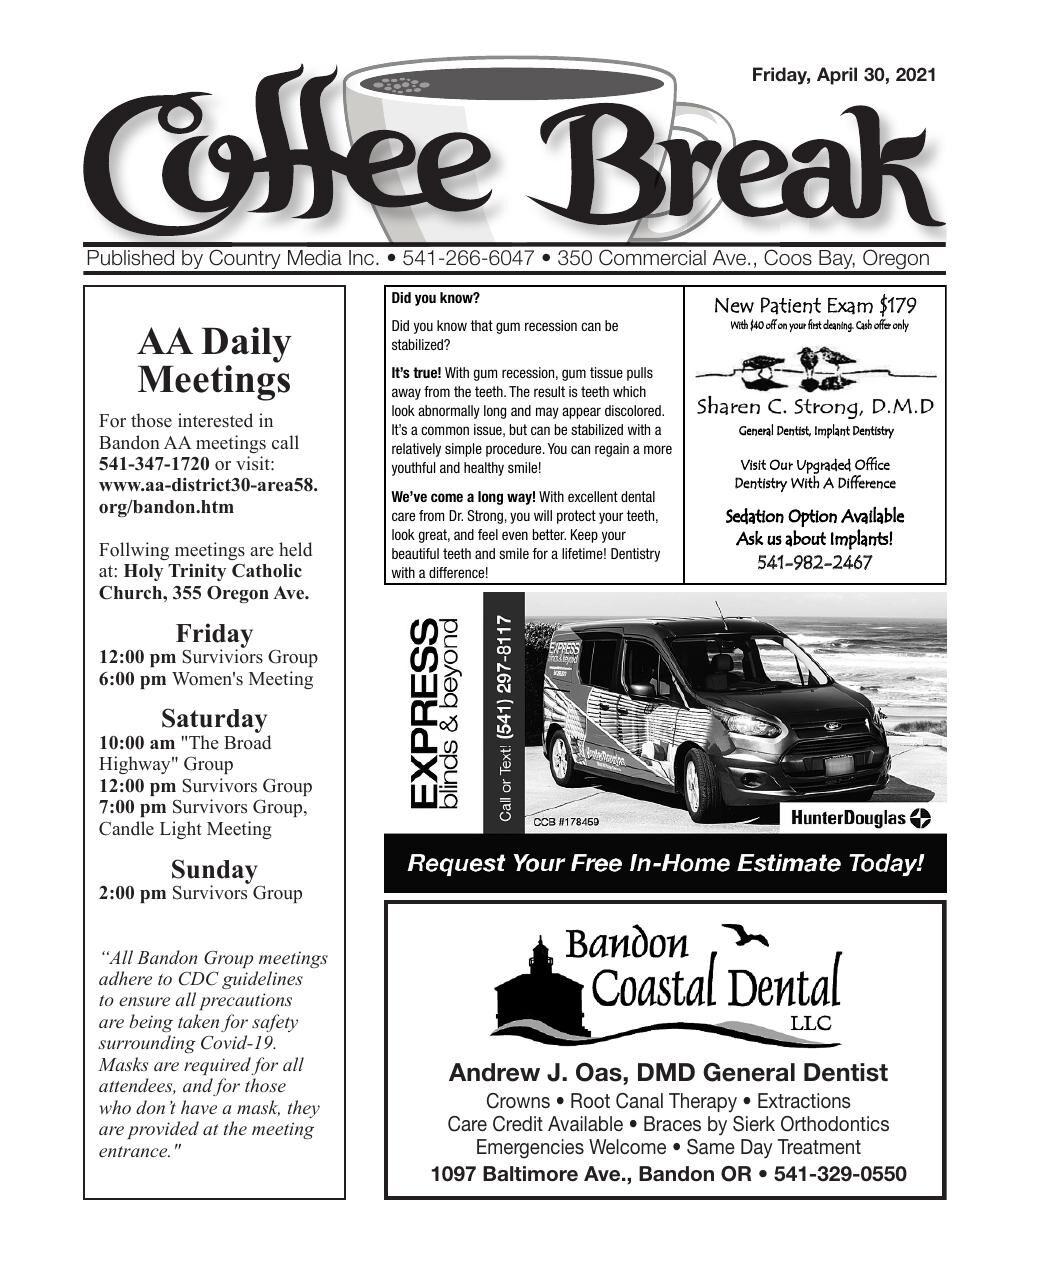 Coffee Break 04/30/21